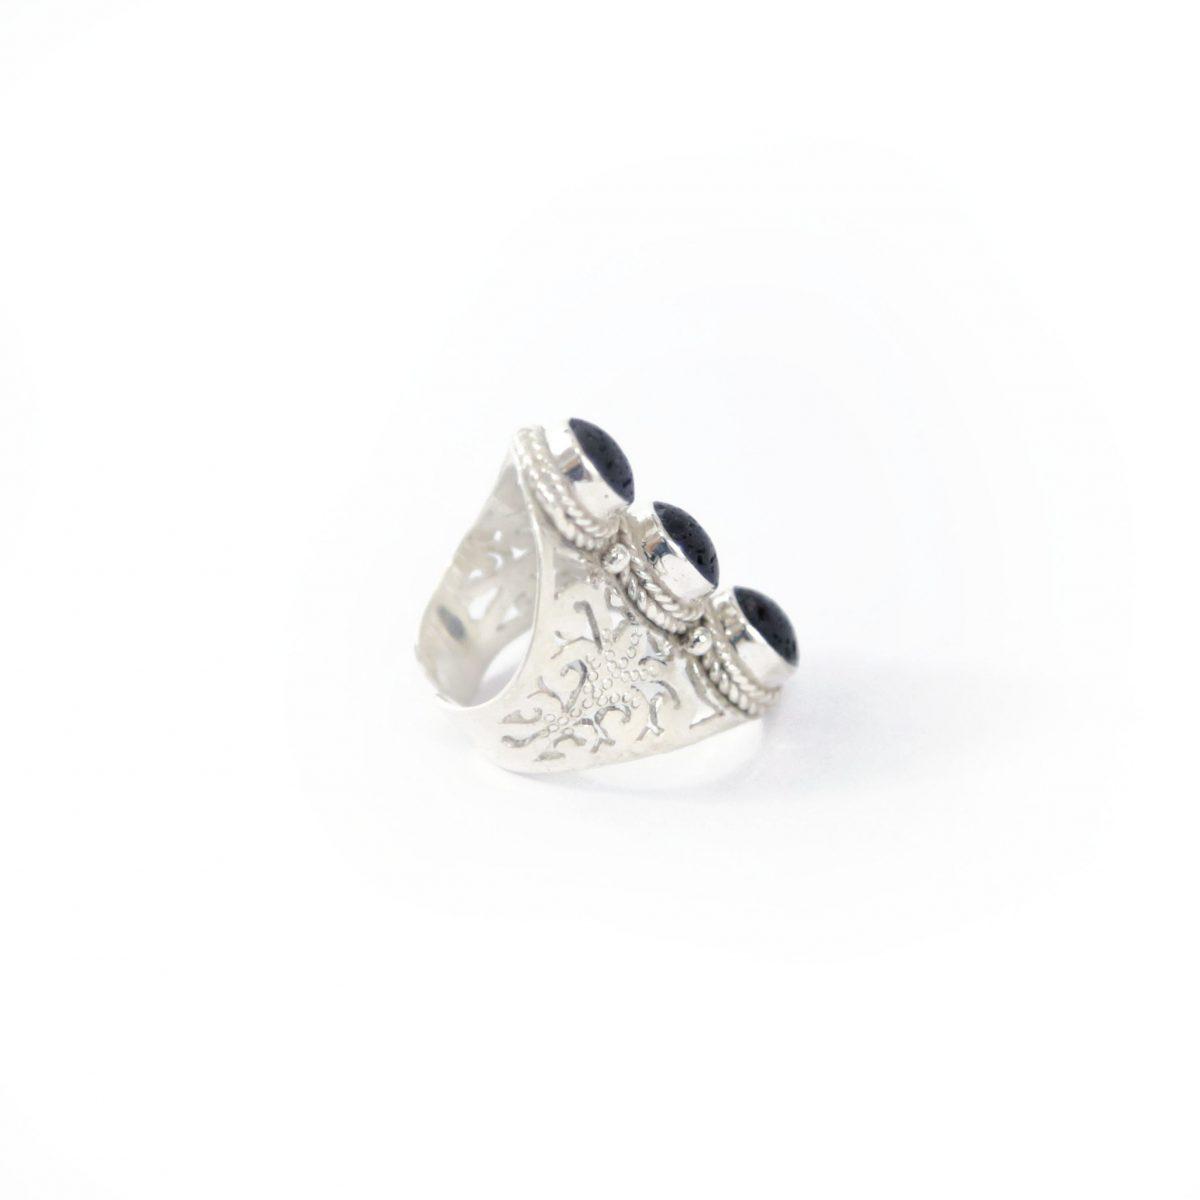 perle-de-jade-bague-argent-massif-925-pierres-lave-noire-01